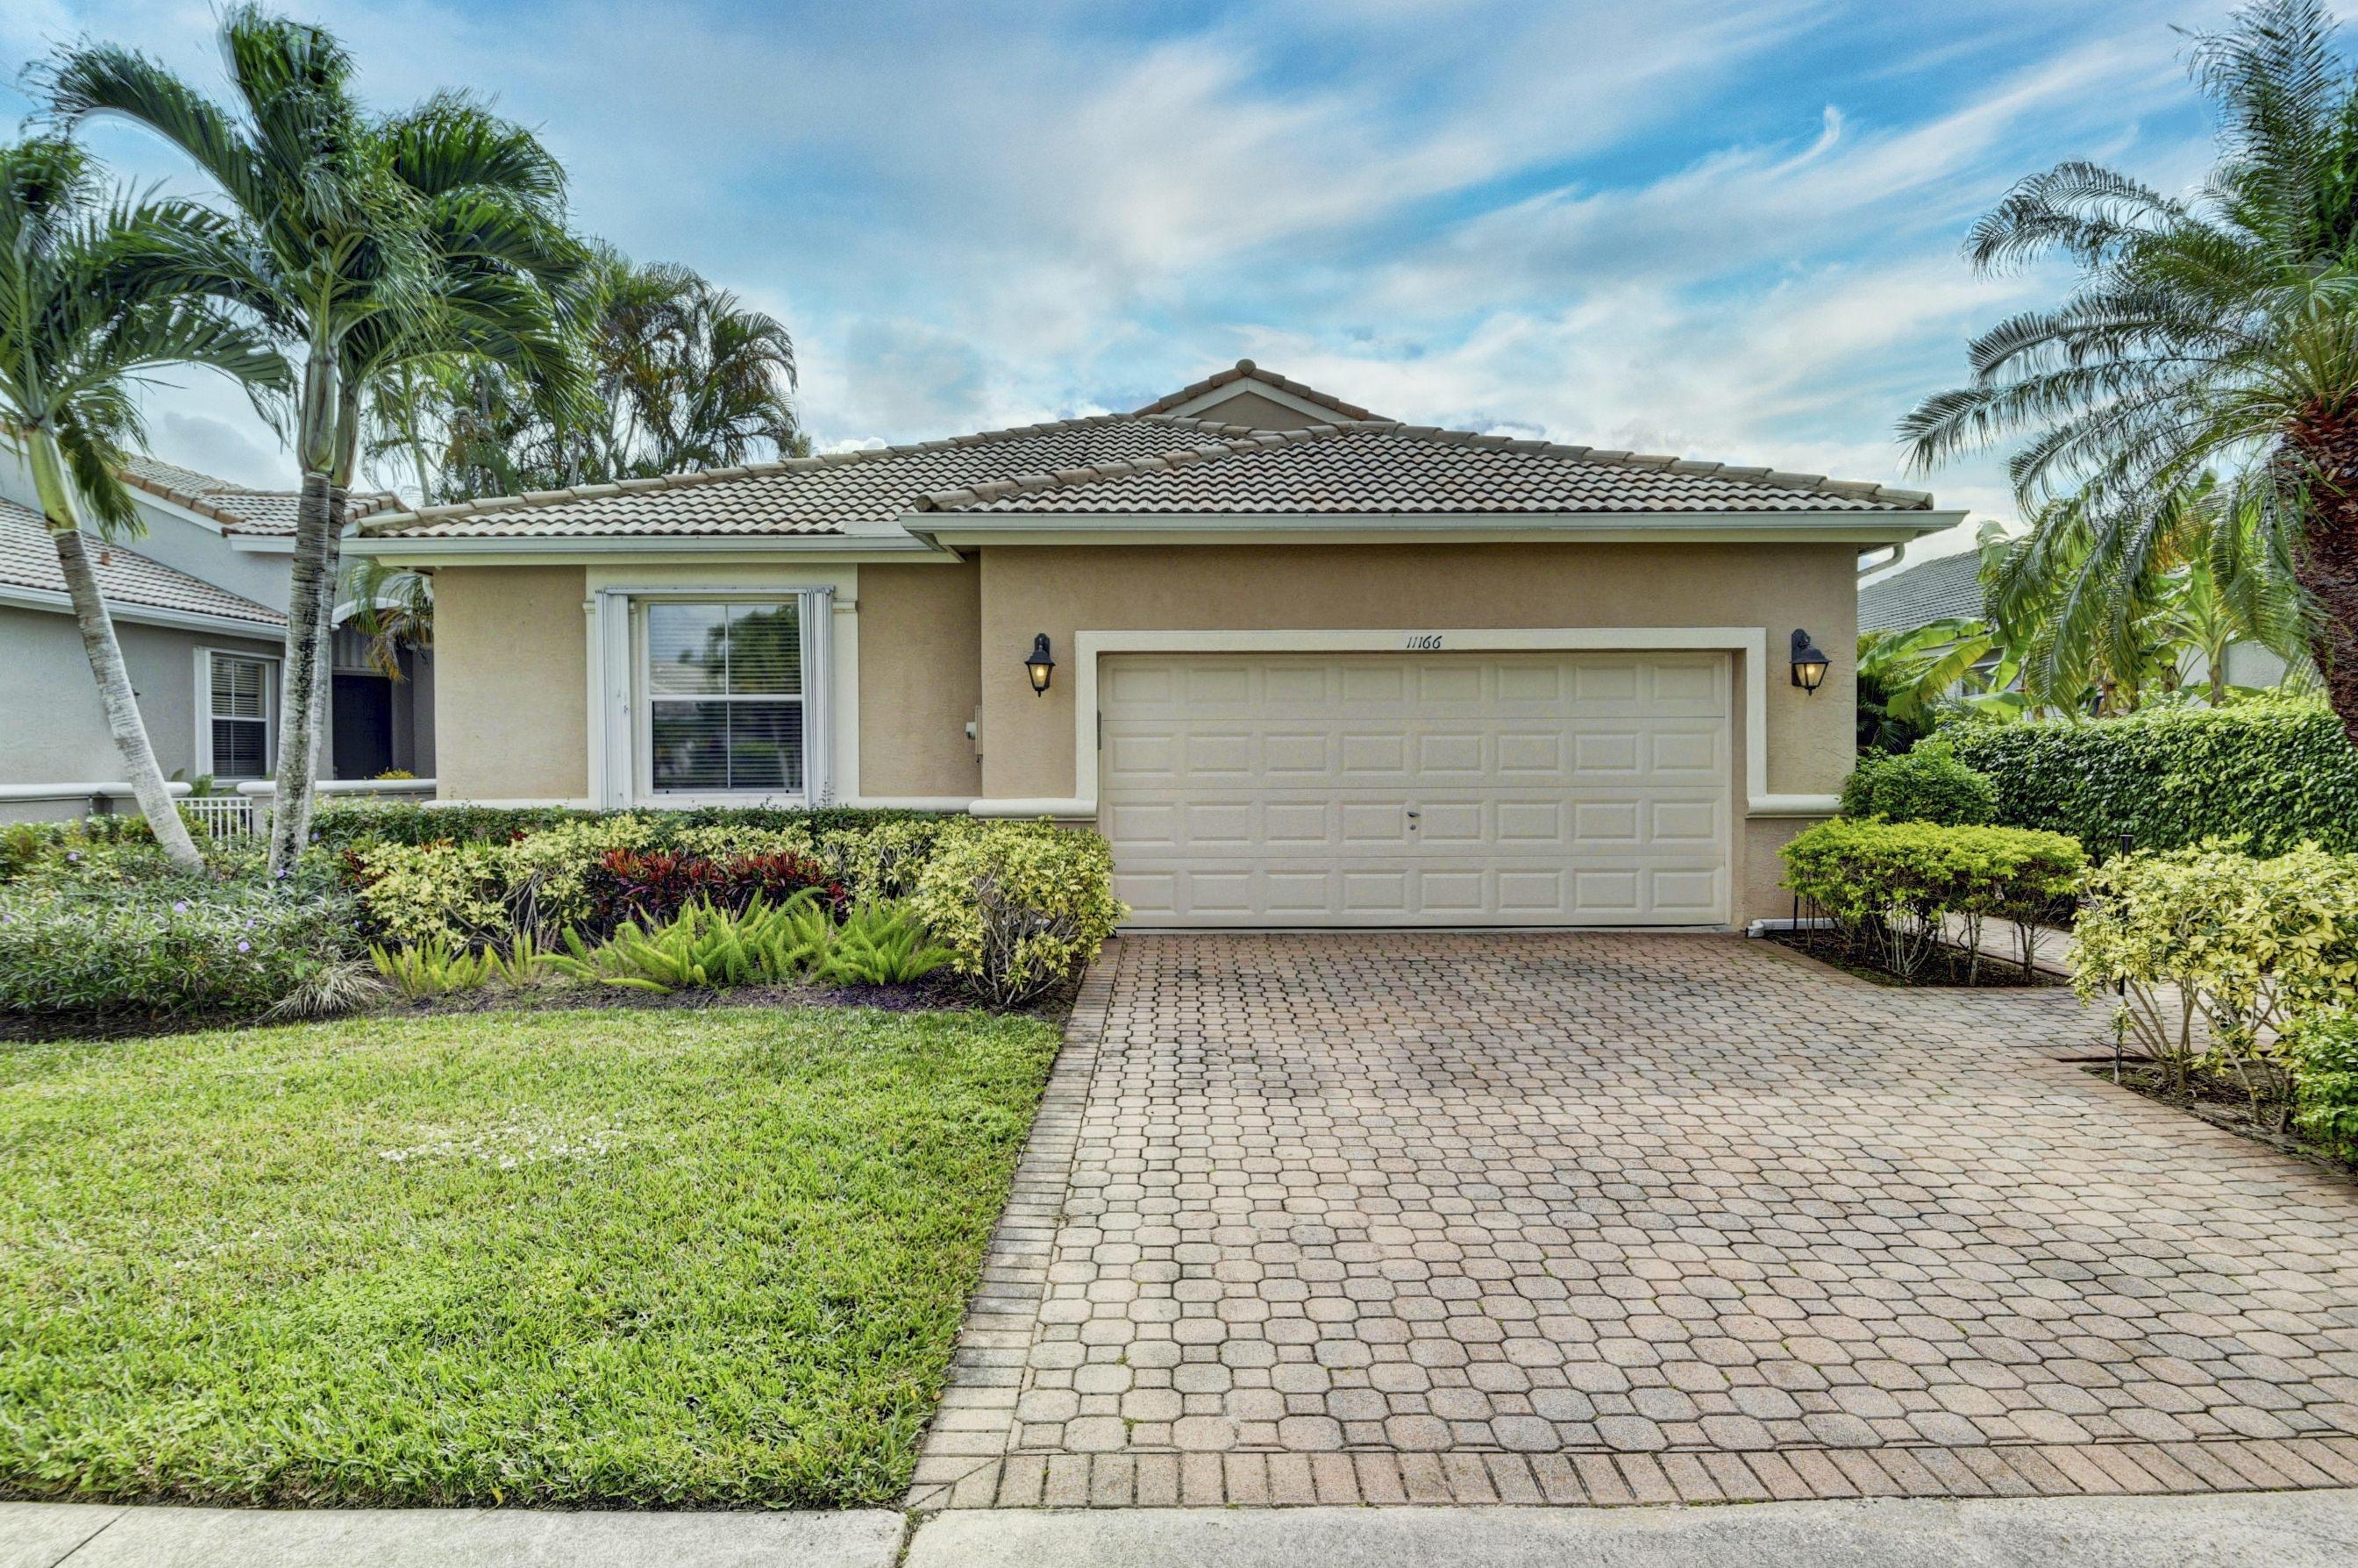 Home for sale in Shores At Boca Raton Boca Raton Florida